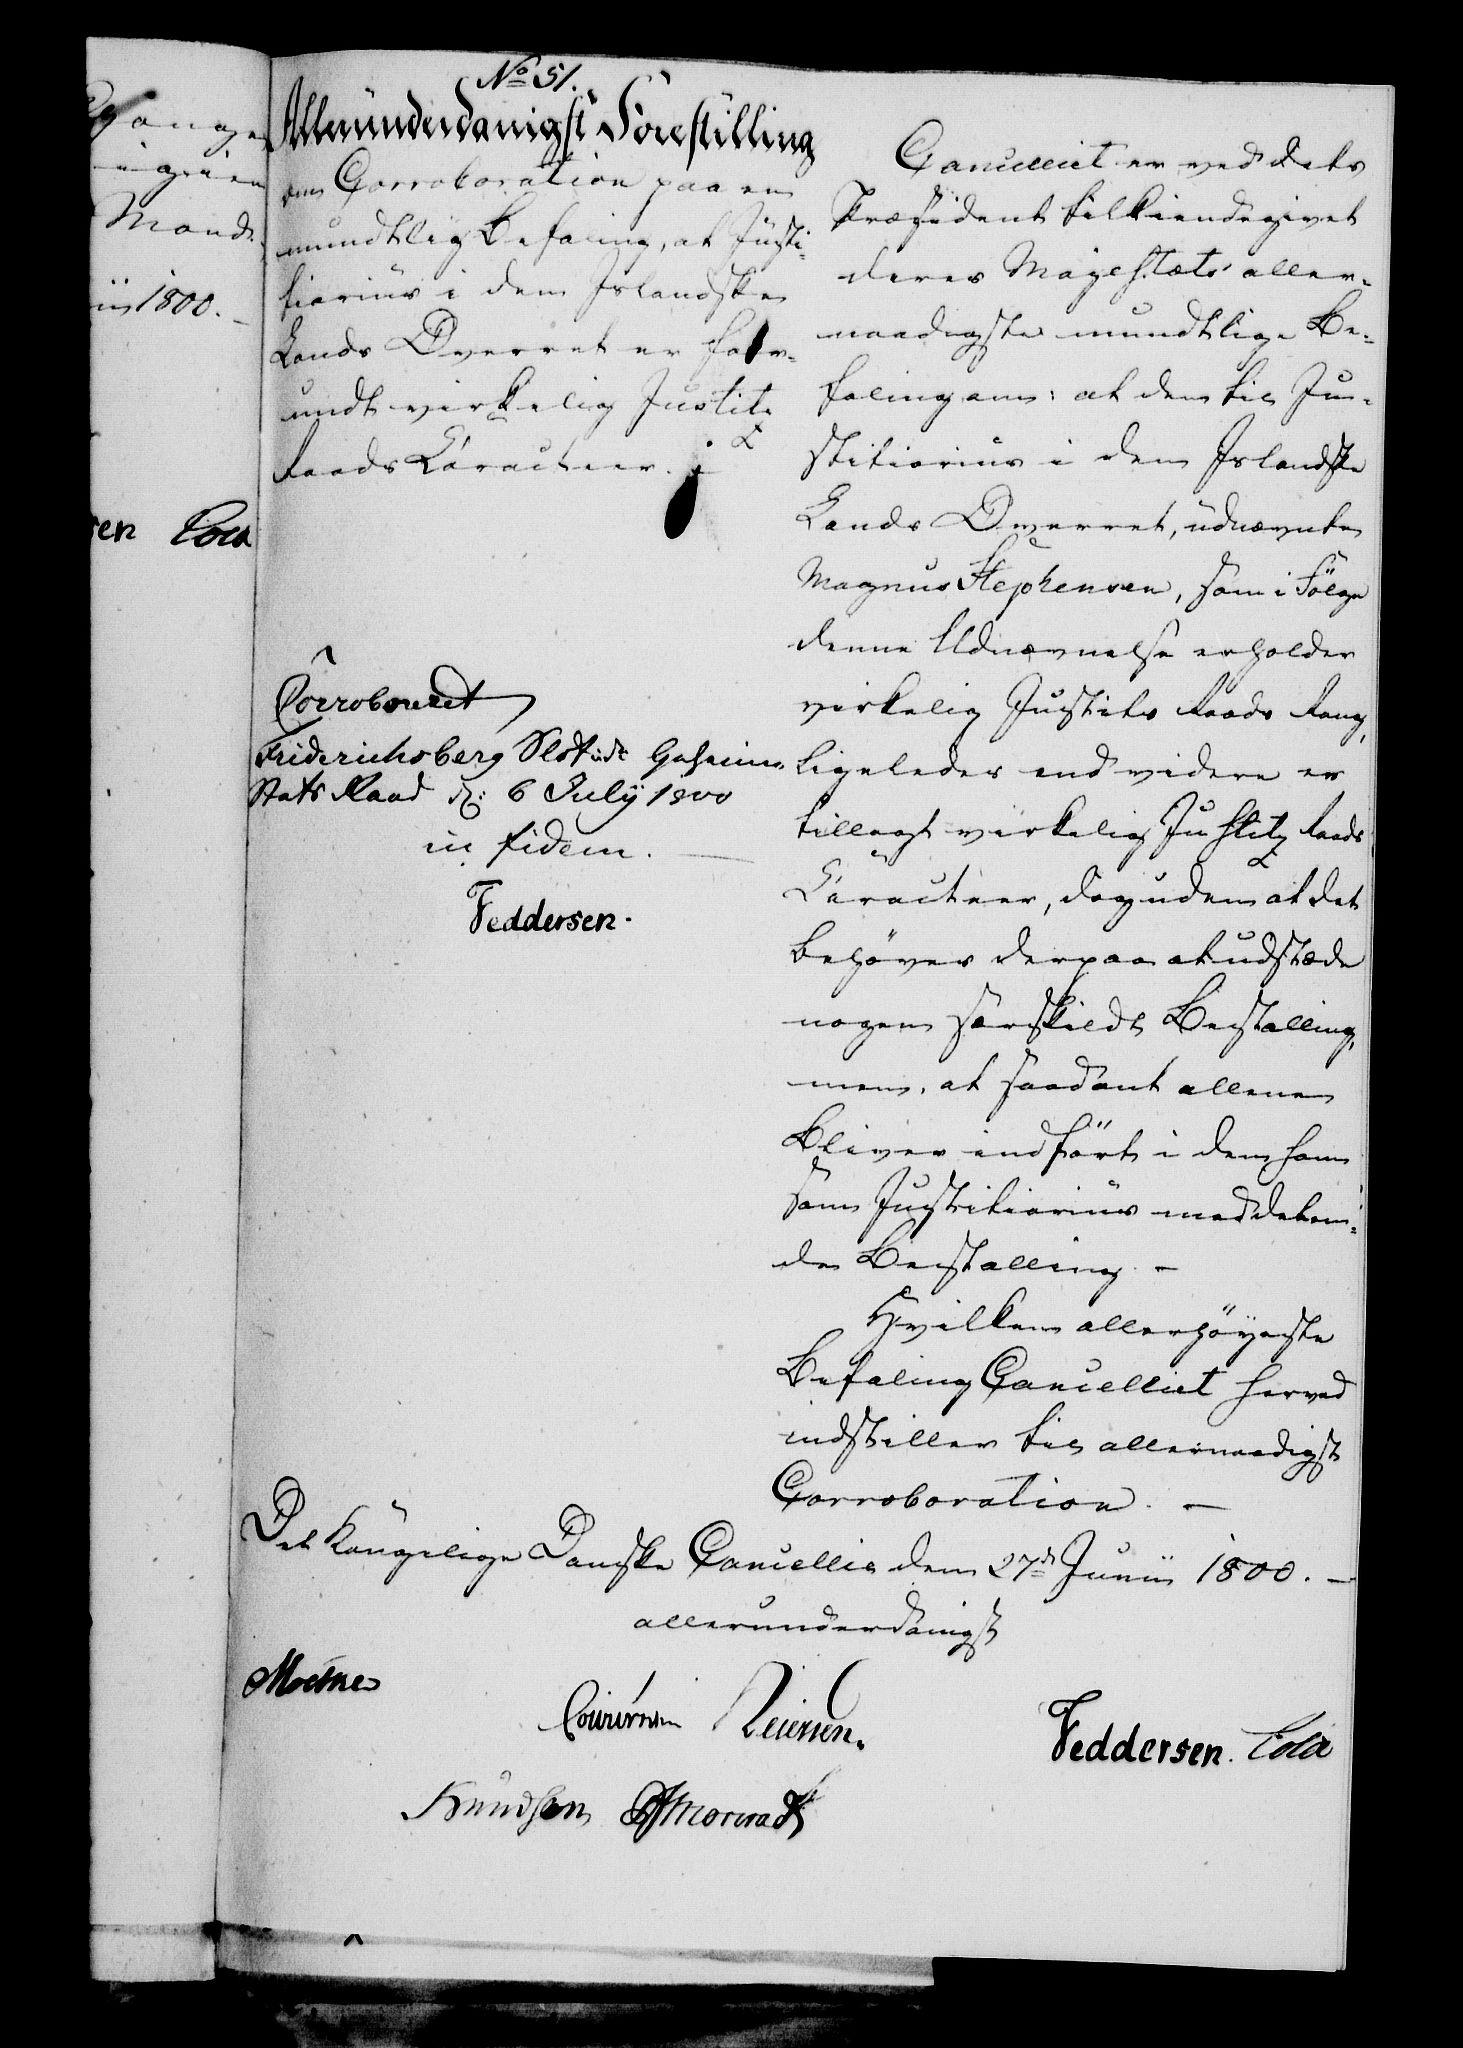 RA, Danske Kanselli 1800-1814, H/Hf/Hfa/Hfab/L0001: Forestillinger, 1800